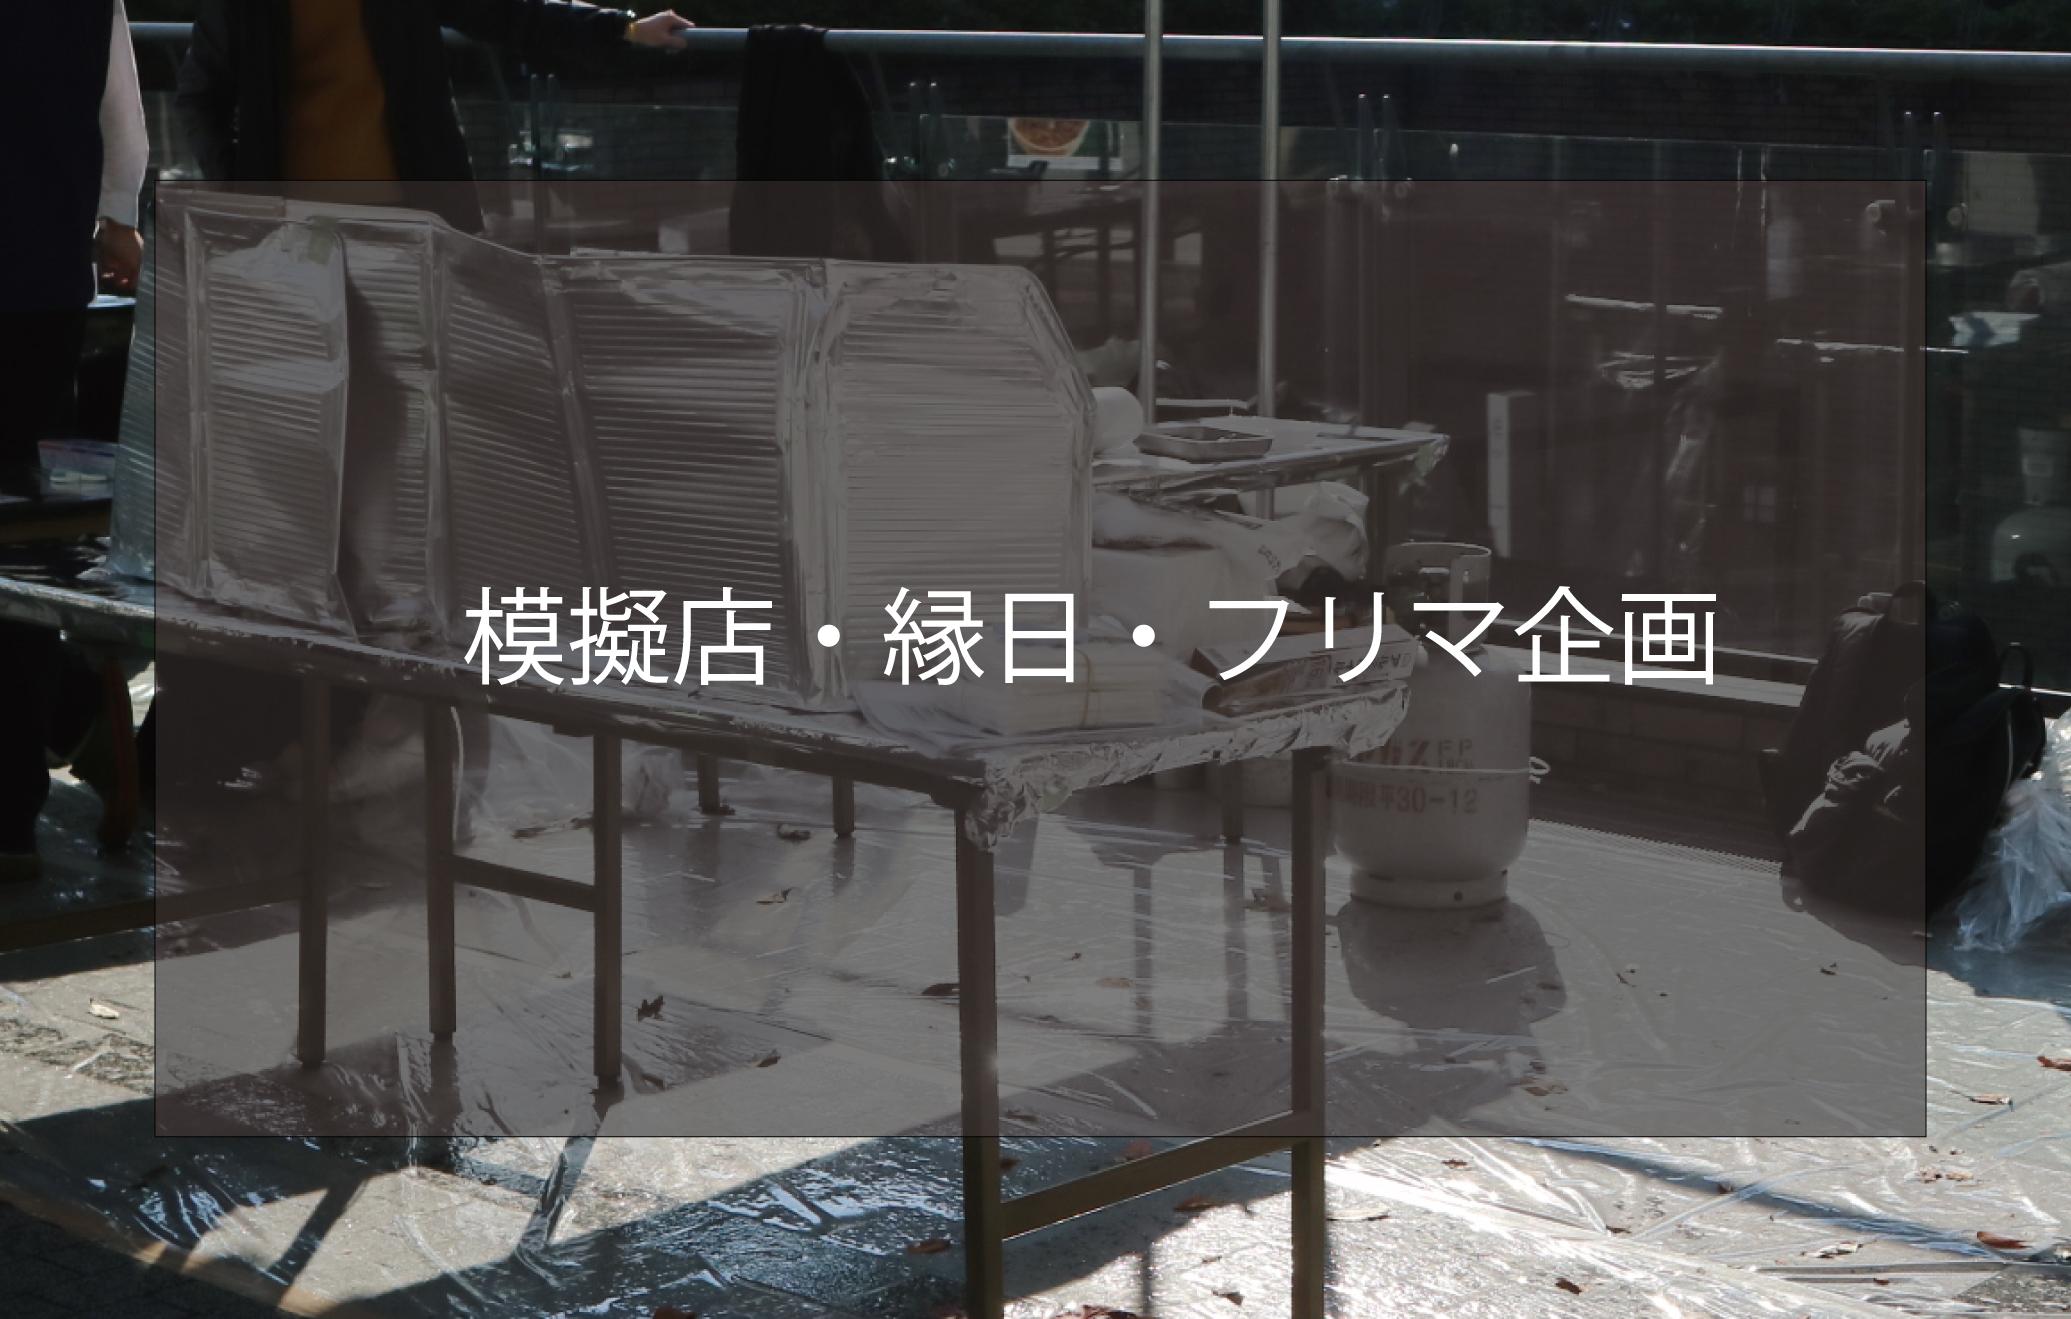 衣笠祭典 模擬・縁日・フリーマーケット企画